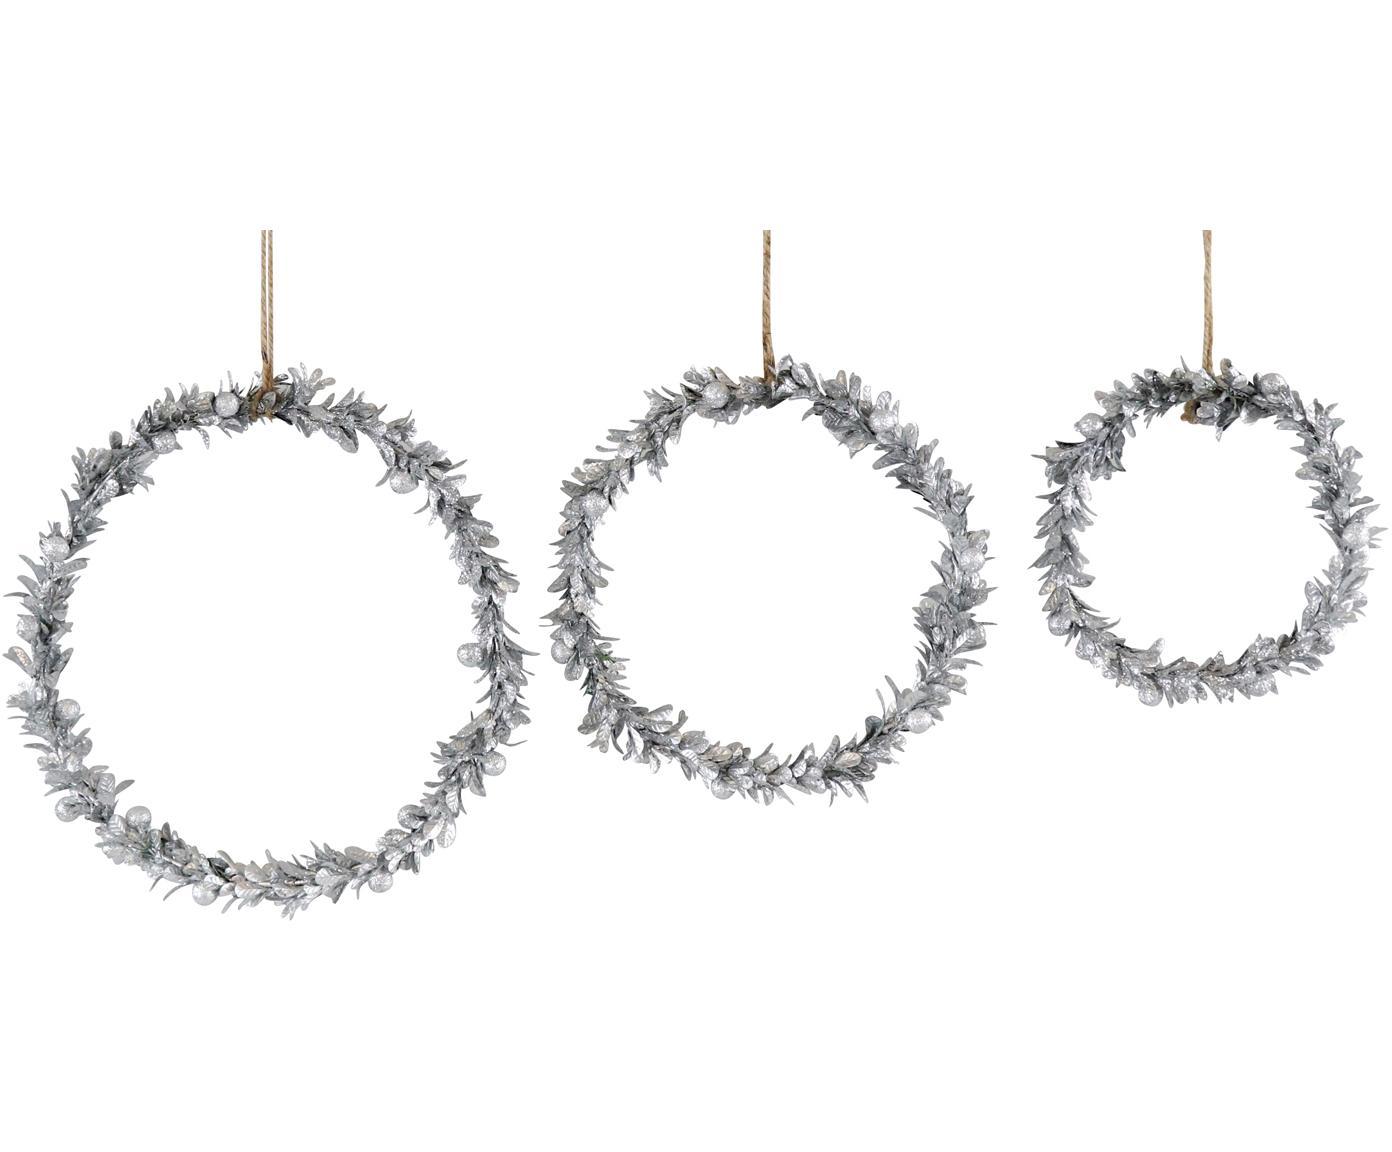 Set de adornos navideños Laurel, 3pzas., Espuma de poliestireno, plástico, metal, madera, Plateado, Set de diferentes tamaños